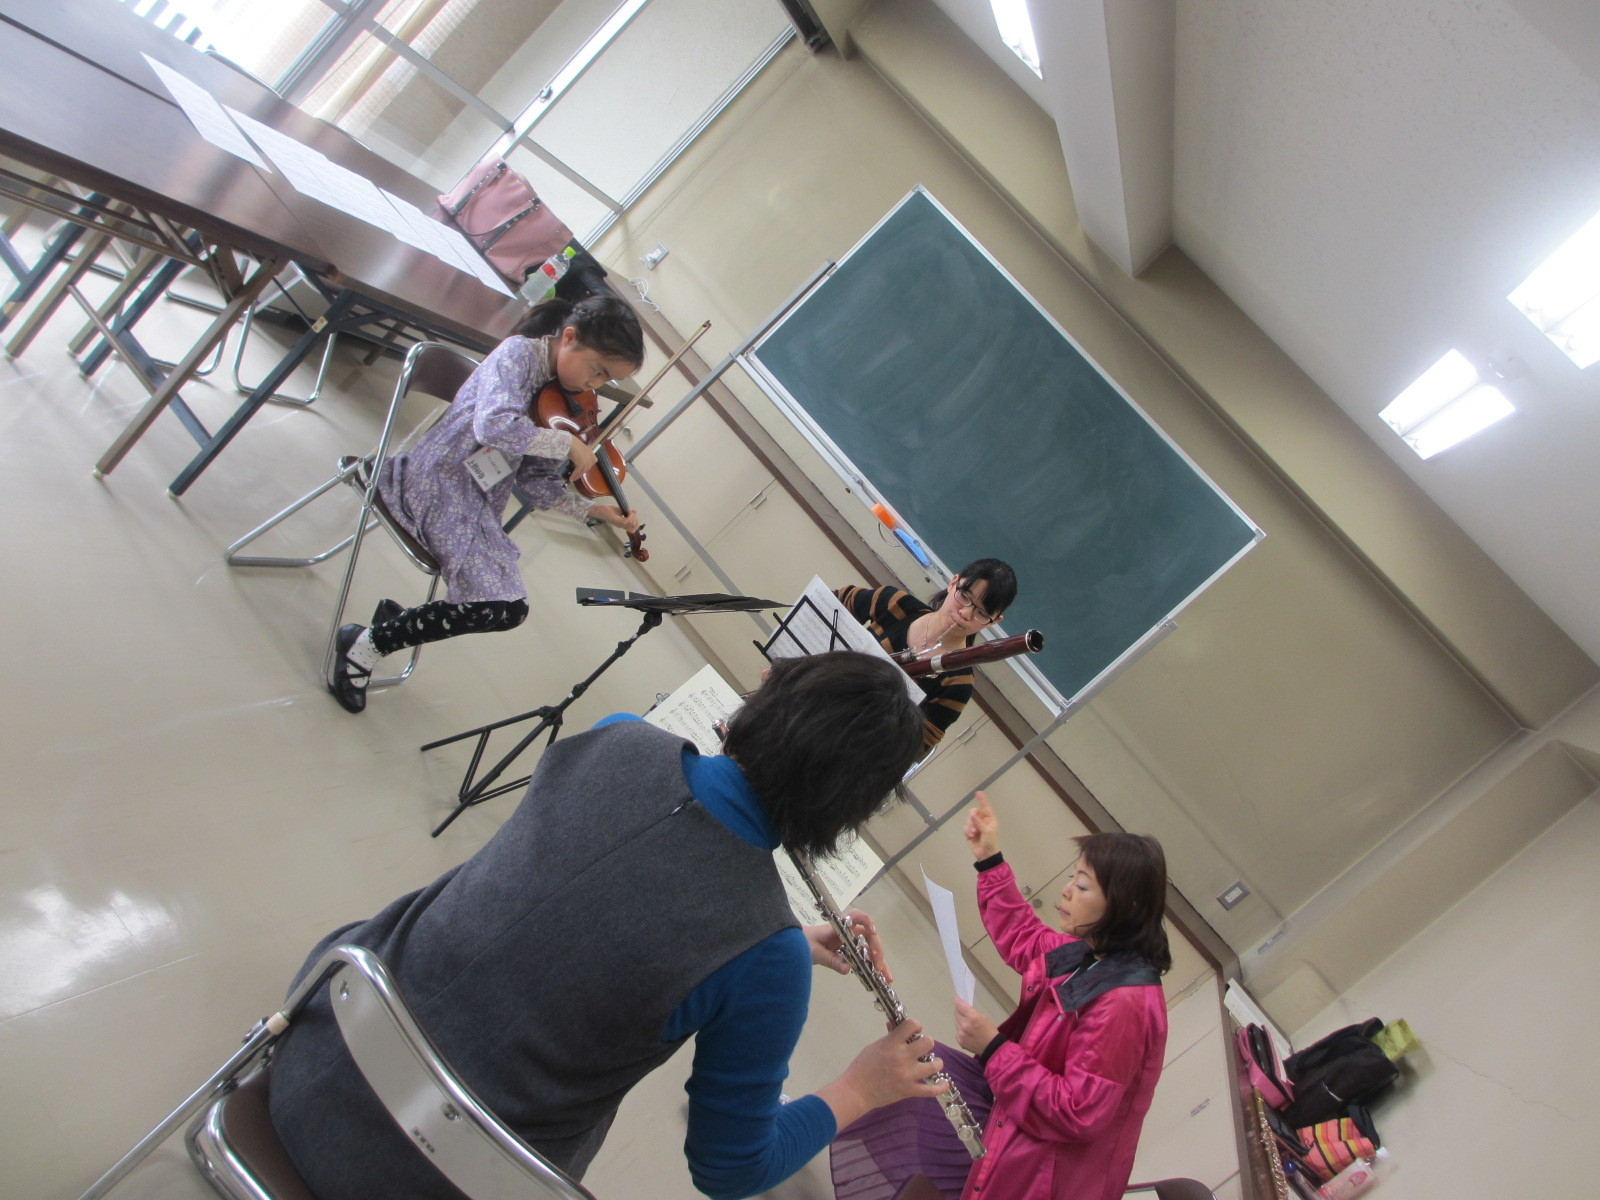 広響、岡本弥生先生のあったかくも厳しい指導にて、